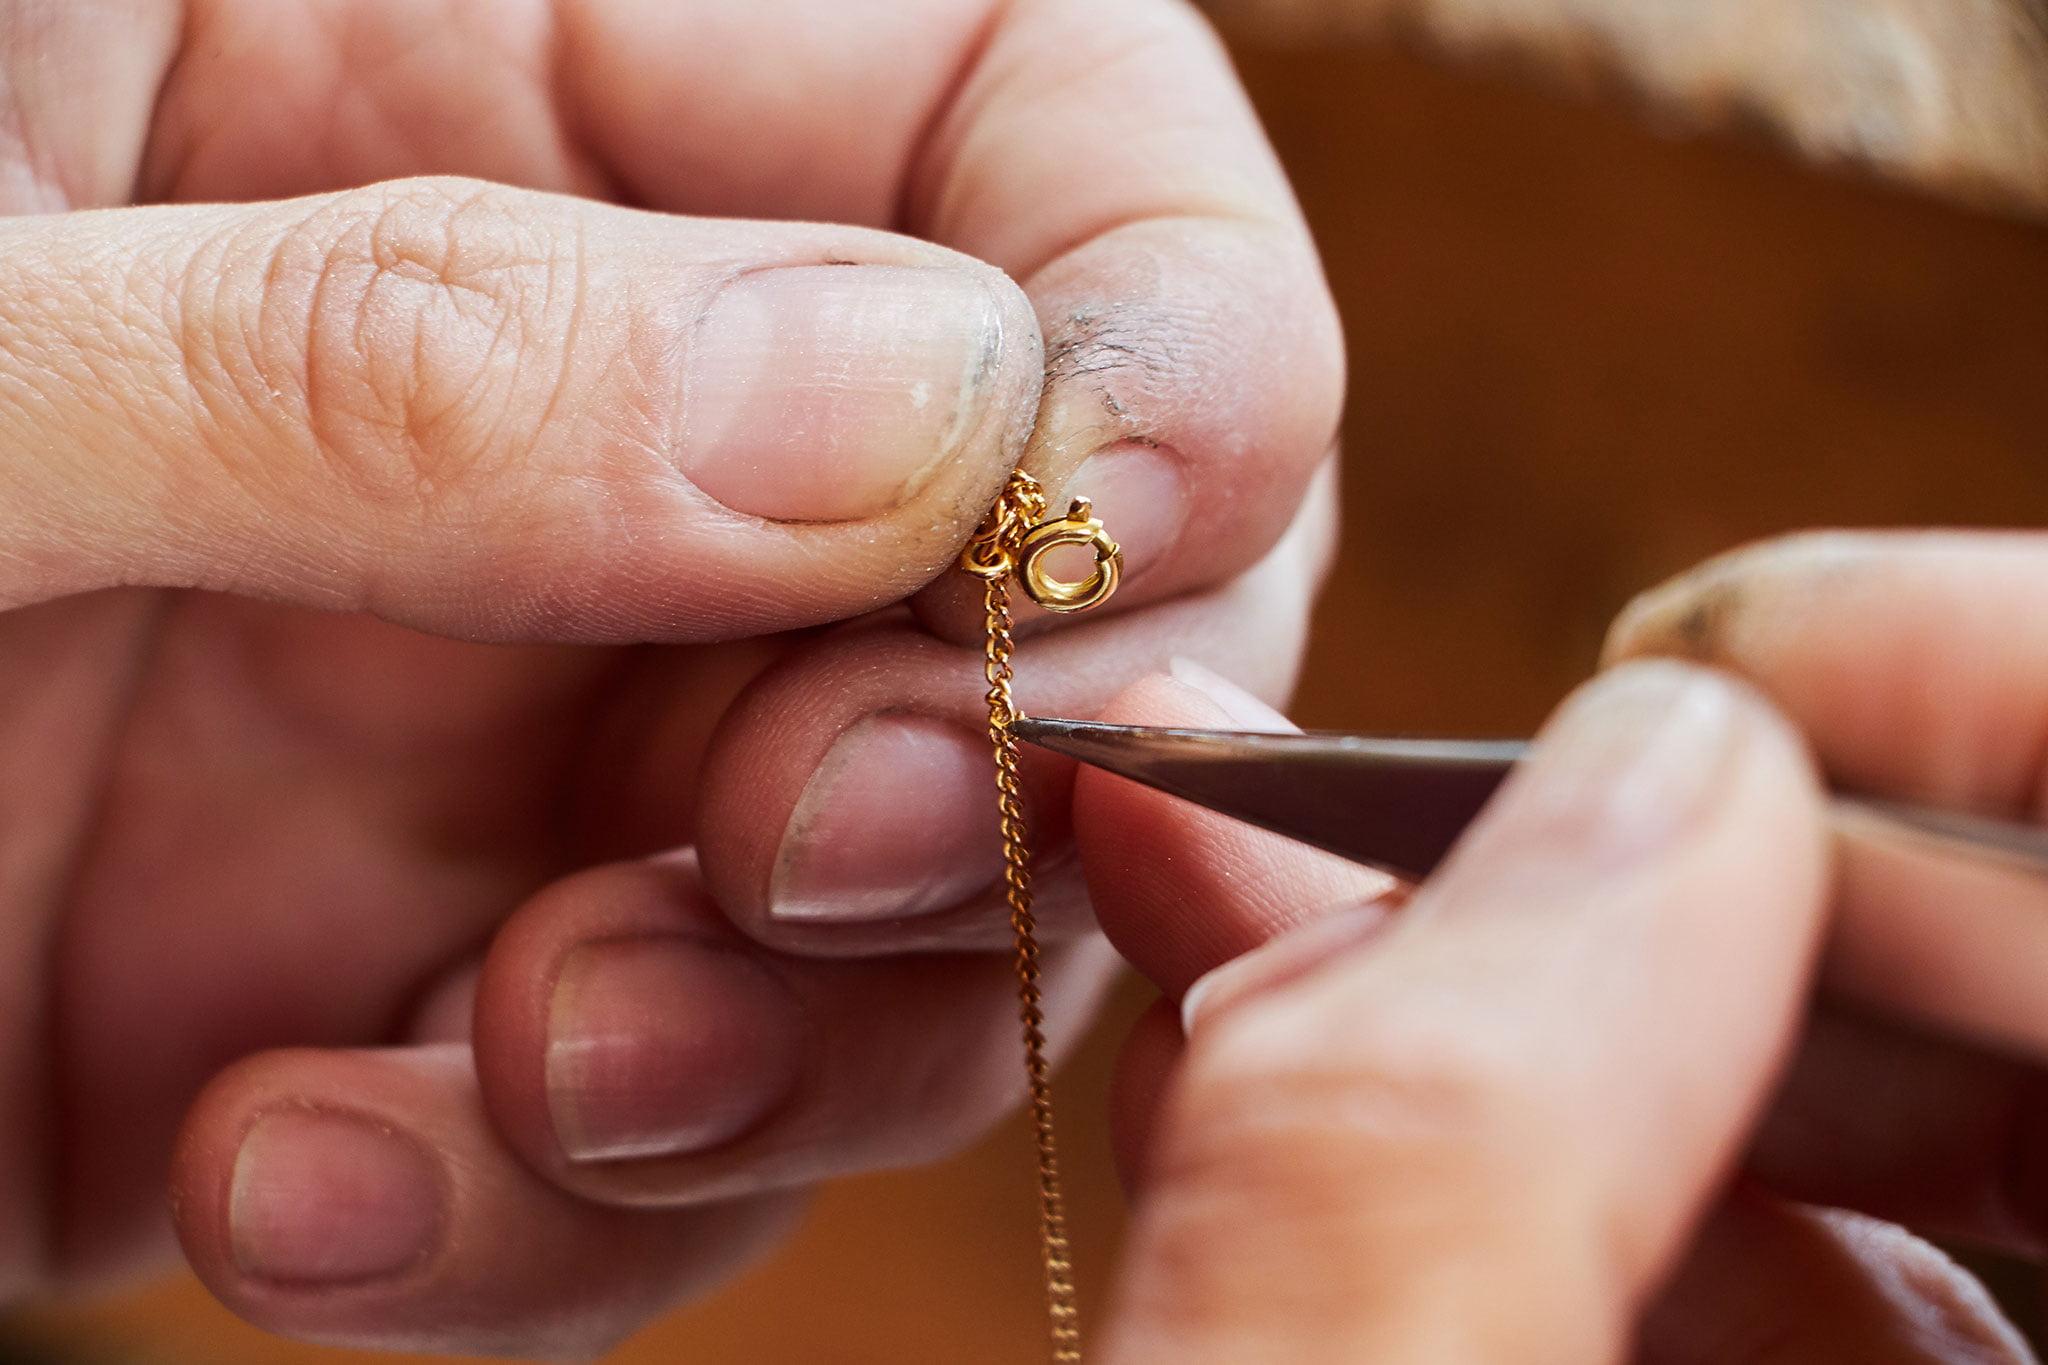 Reparación de joyas y relojes en Dénia – Joyería Bonilla